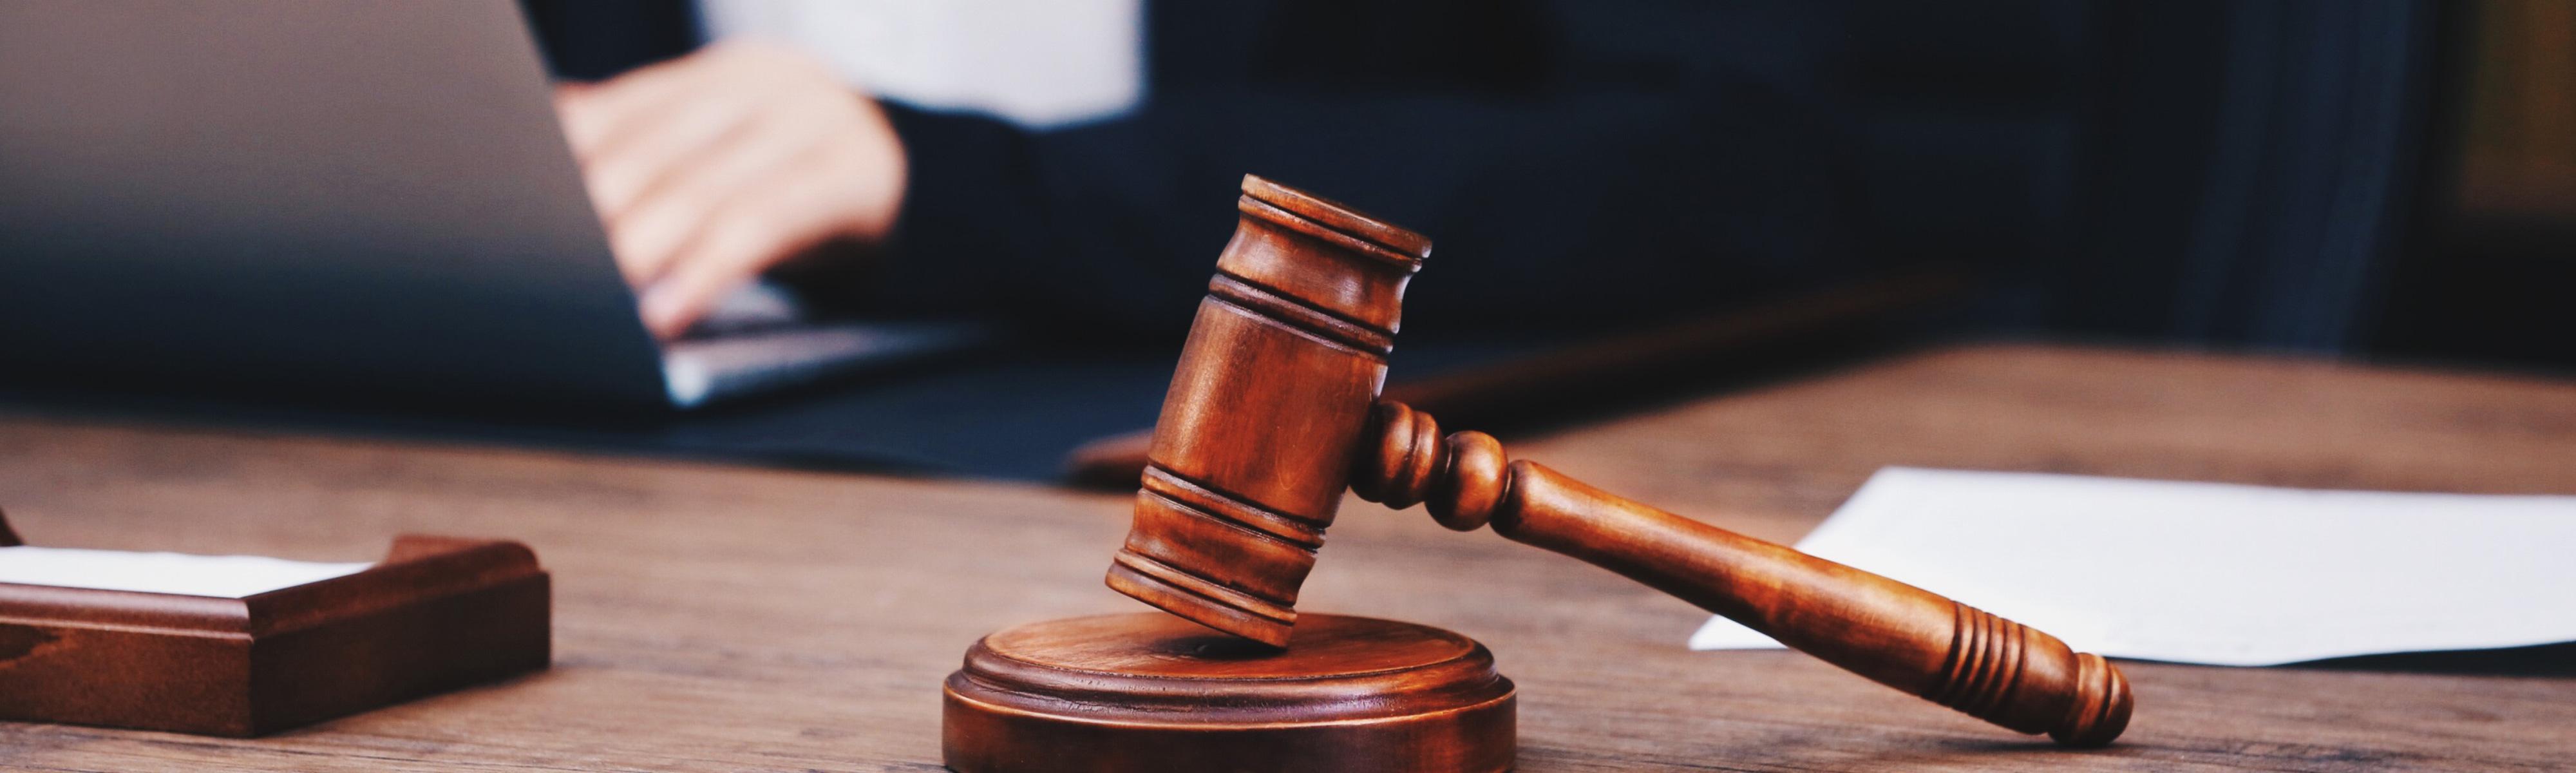 司法院第182次院會通過刑事訴訟法部分條文及刑事訴訟法施行法第7條之16修正草案 – 法律萬事通 ASK FOR LAW